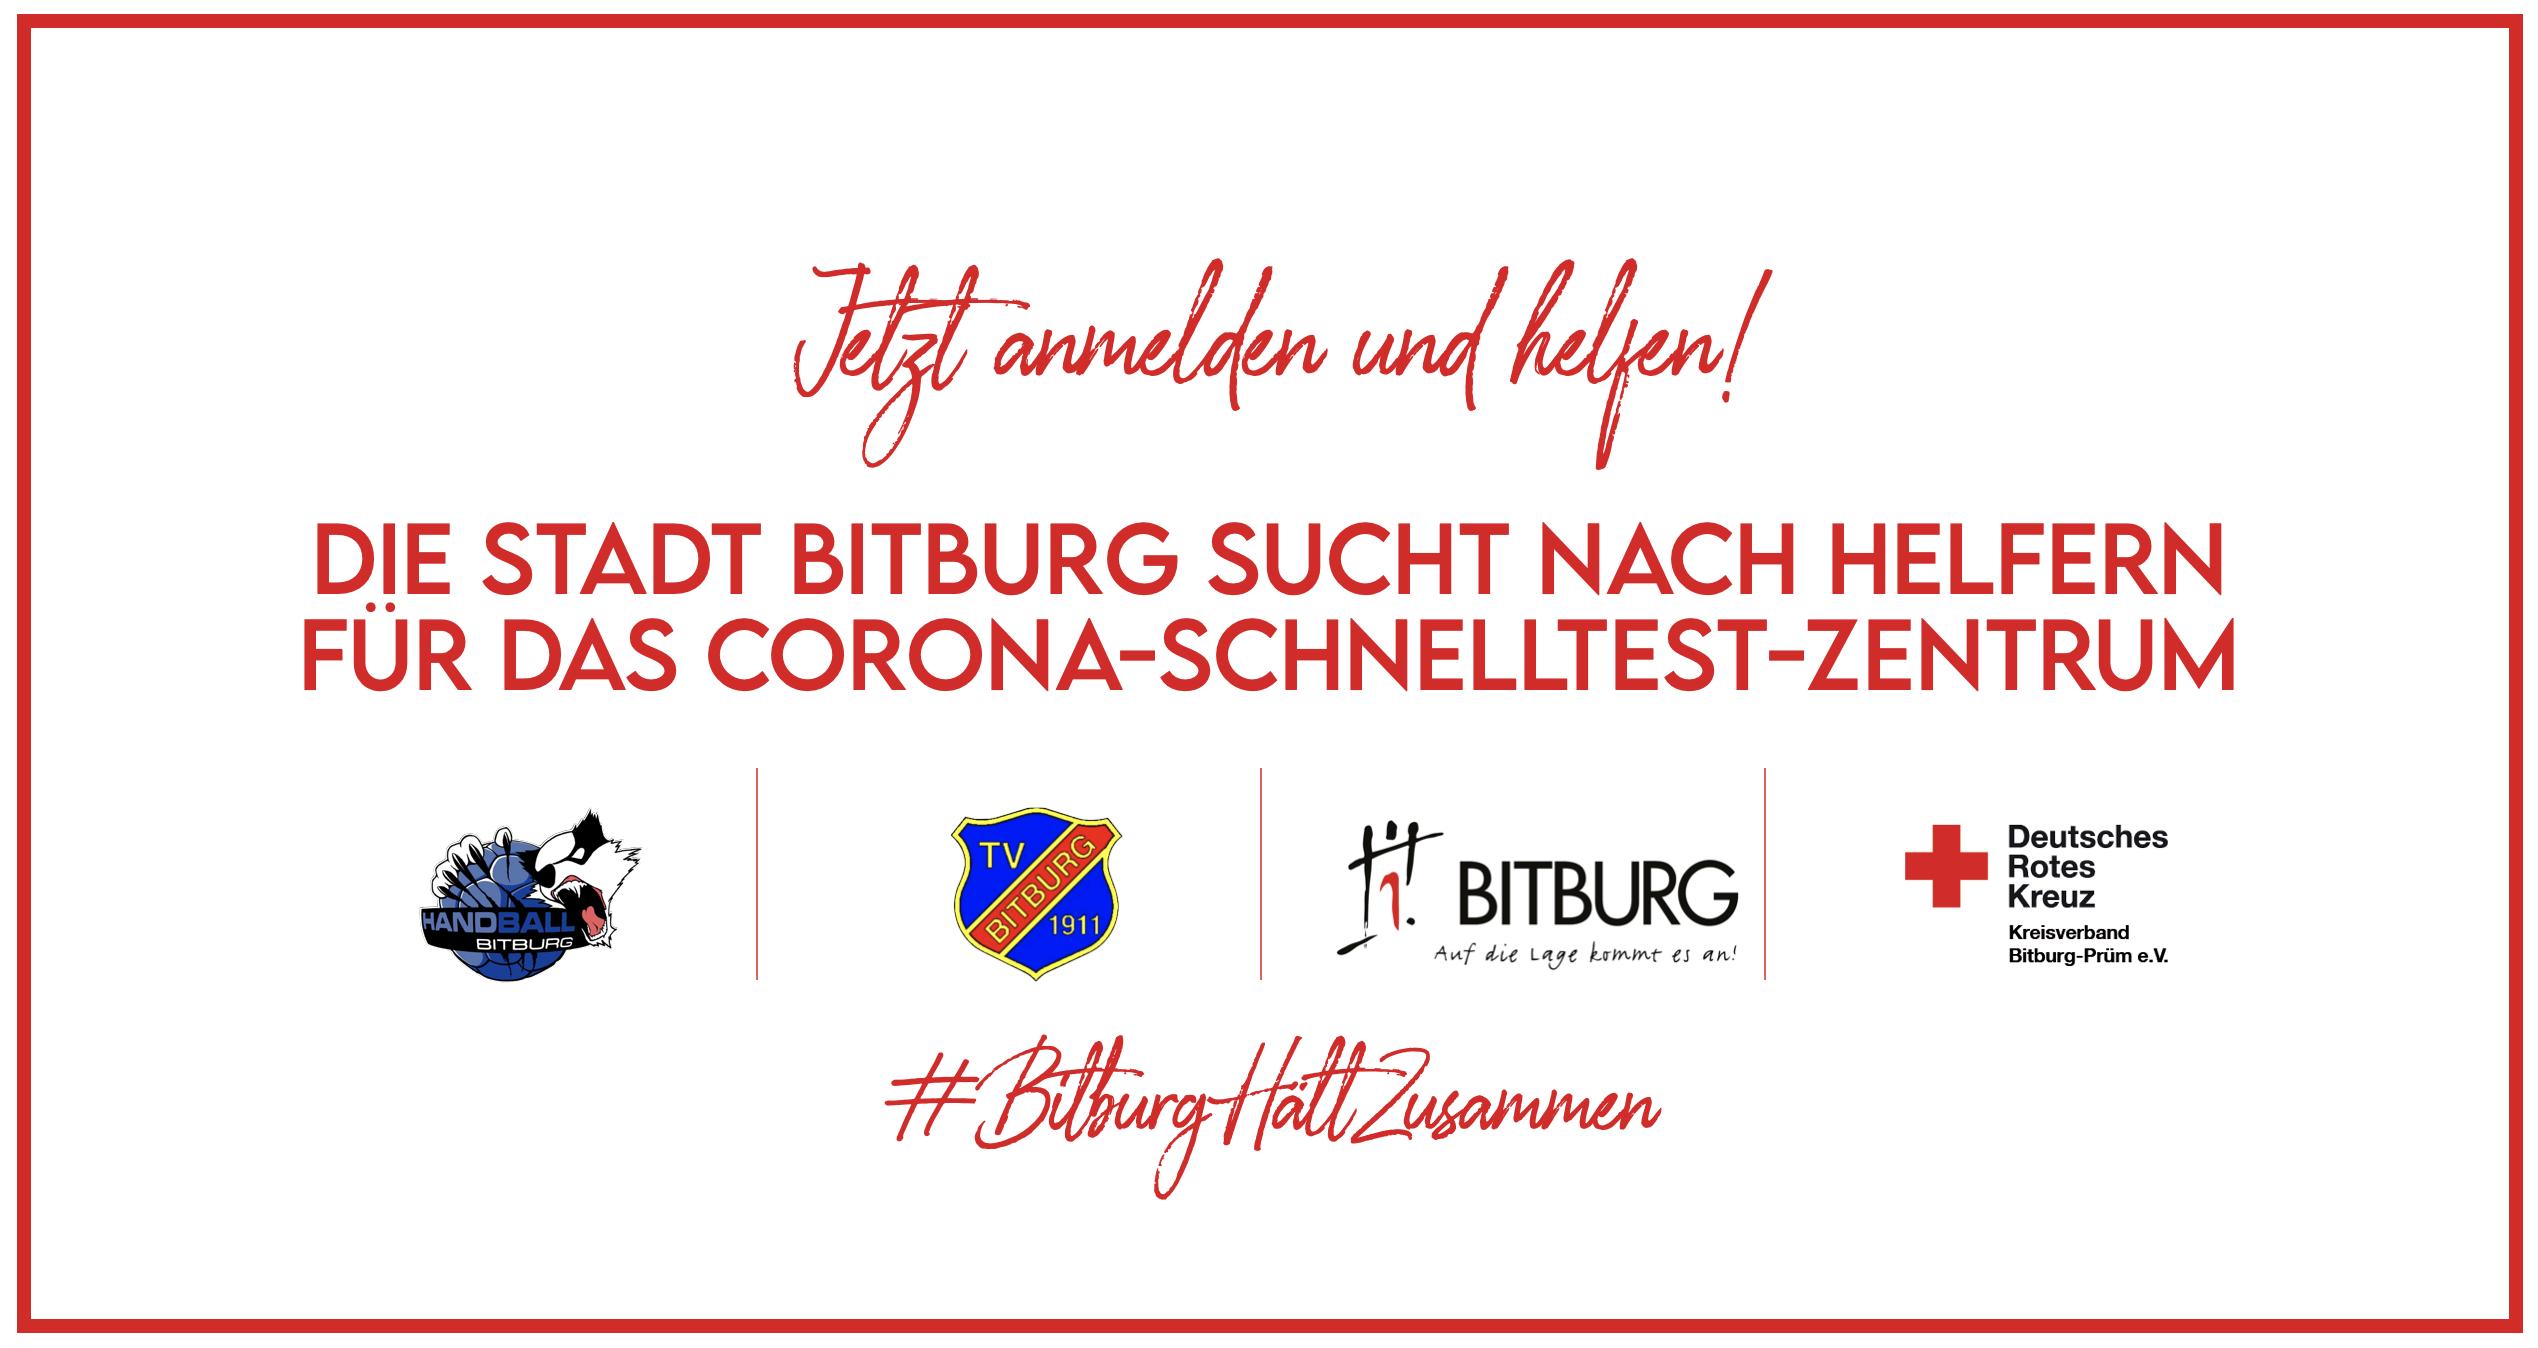 Bitburg sucht Helfer für das Corona-Schnelltest-Zentrum